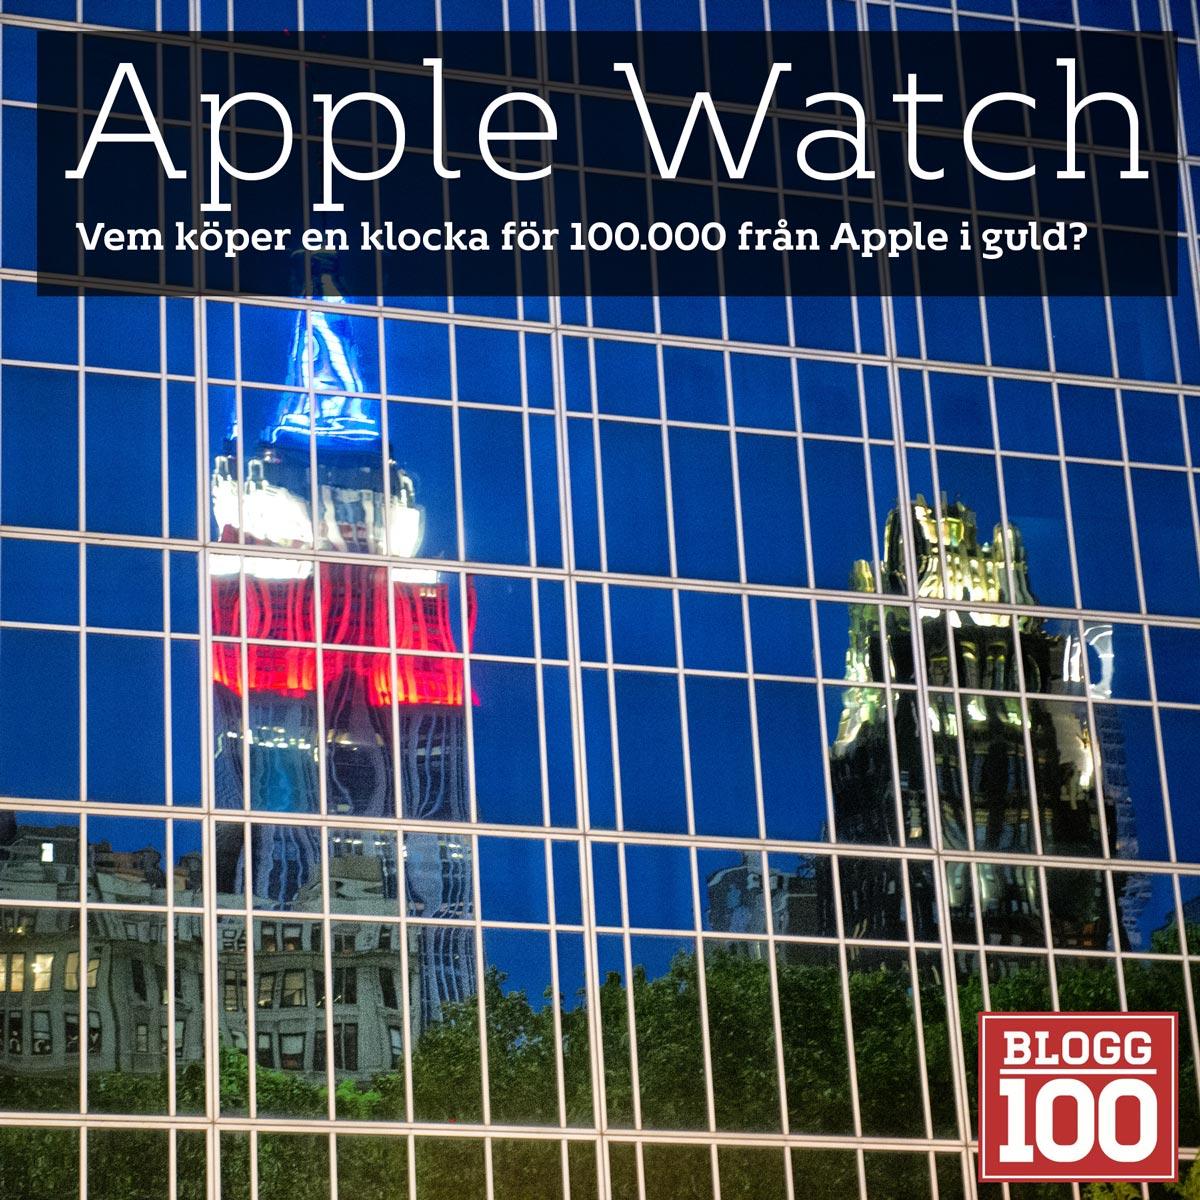 Apple Watch, vem köper en klocka från Apple? #blogg100 #fb